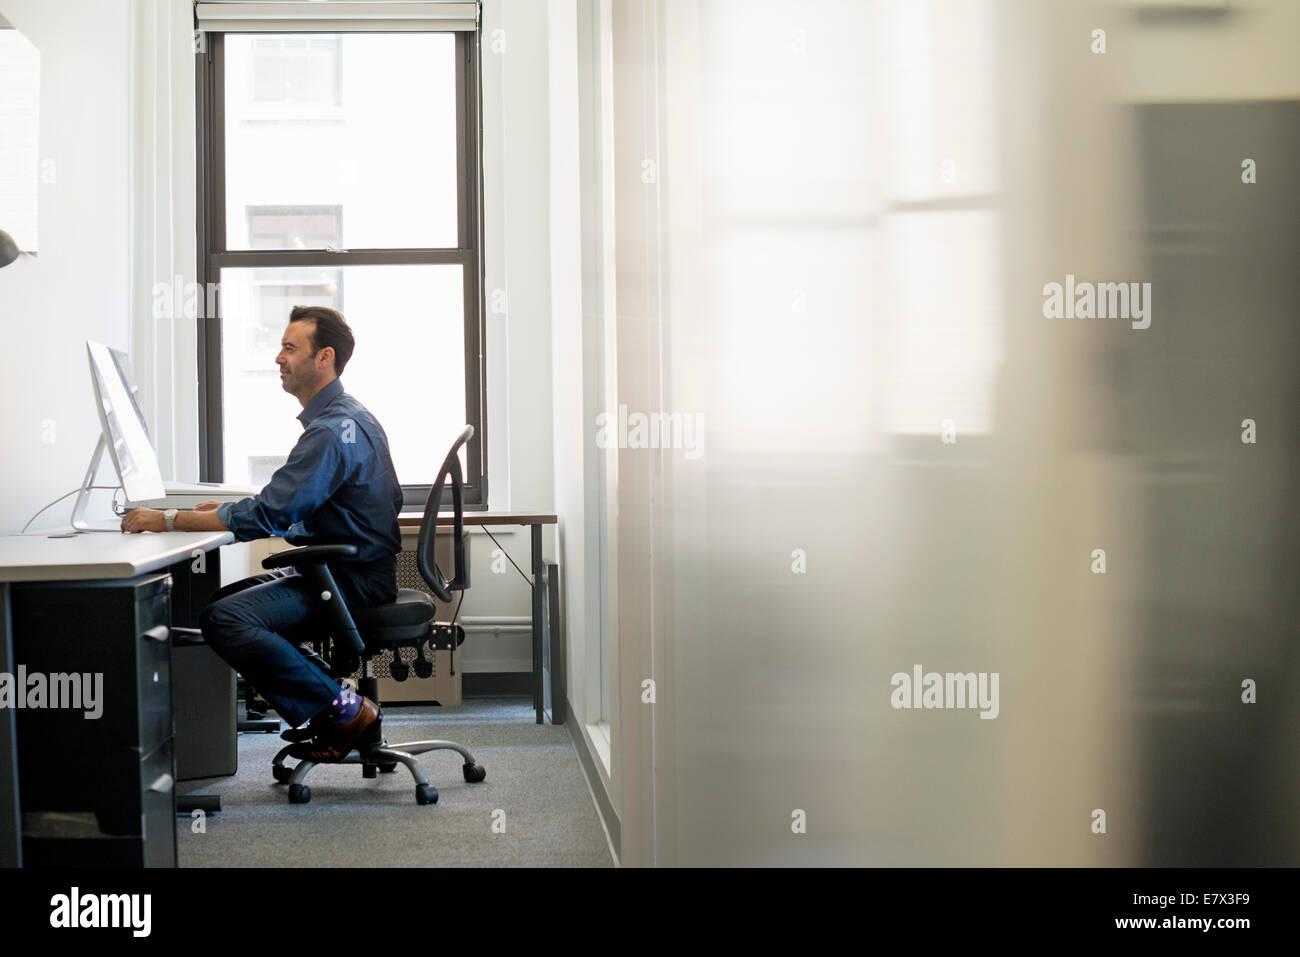 Büroalltag. Ein Mann in Freizeitkleidung sitzen an einem Schreibtisch, einem Computer-Bildschirm betrachten. Stockbild